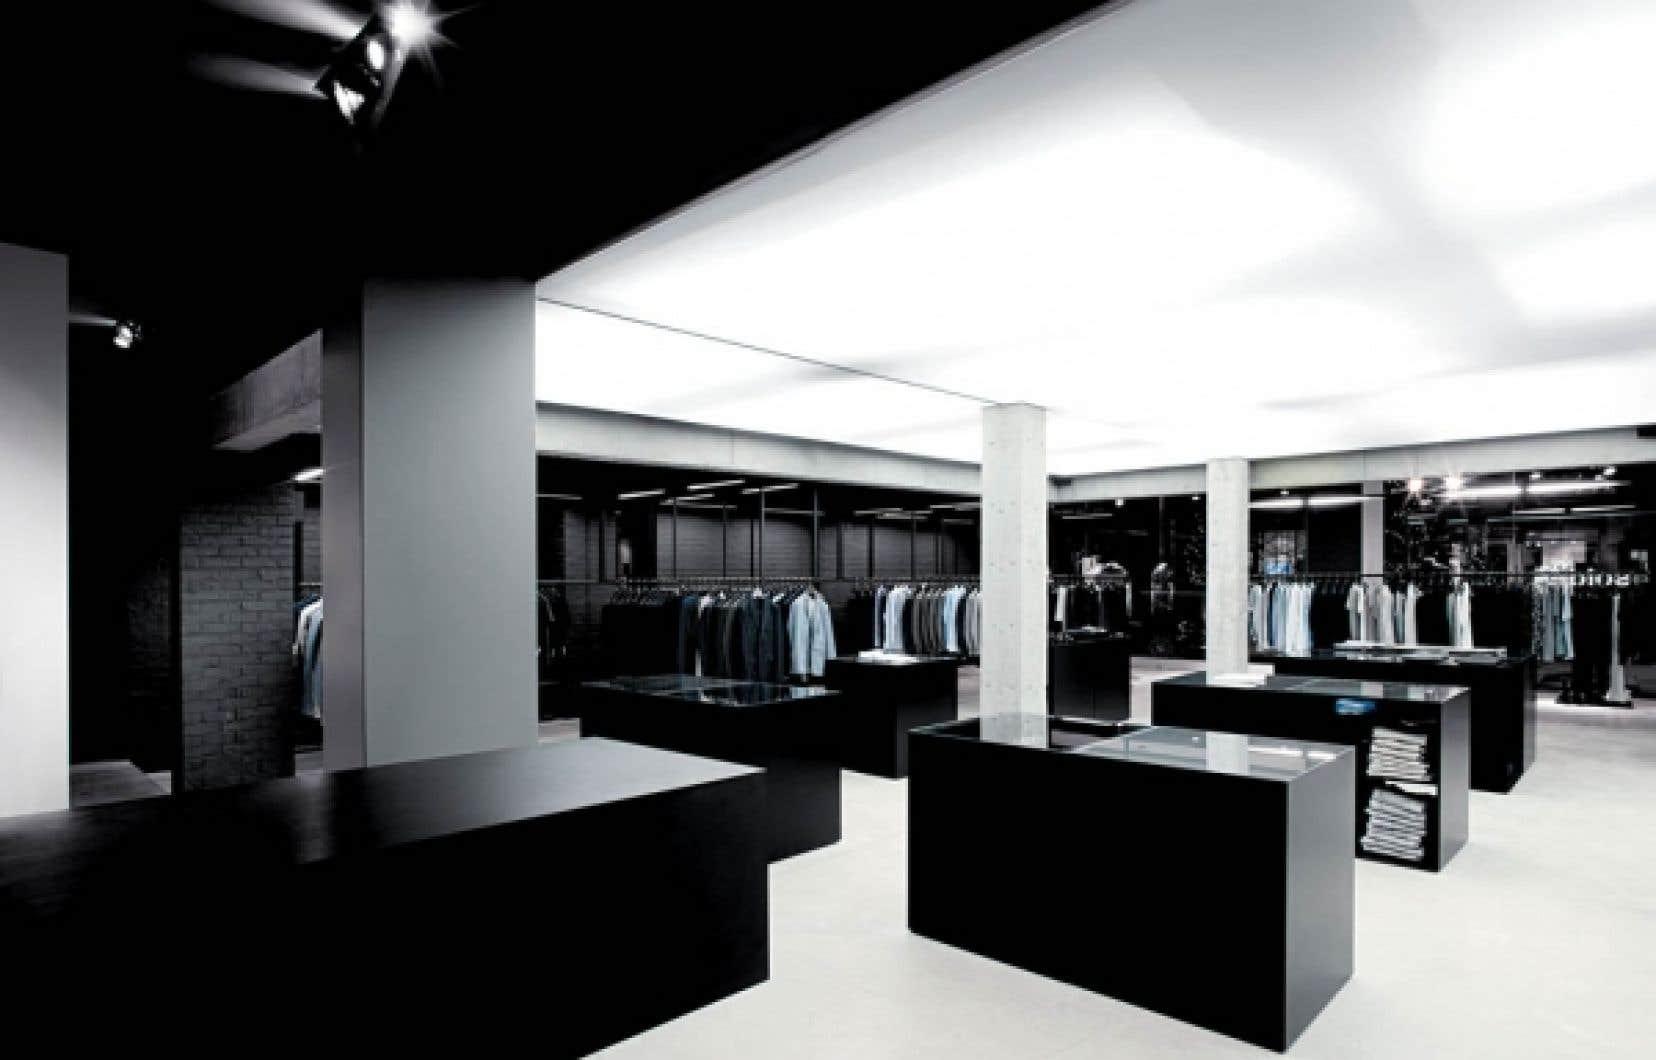 Les présentoirs cubiques en acier peint noir ponctuent l'espace comme des troncs d'arbres d'un autre ordre ayant poussé sur un sol en béton.<br />